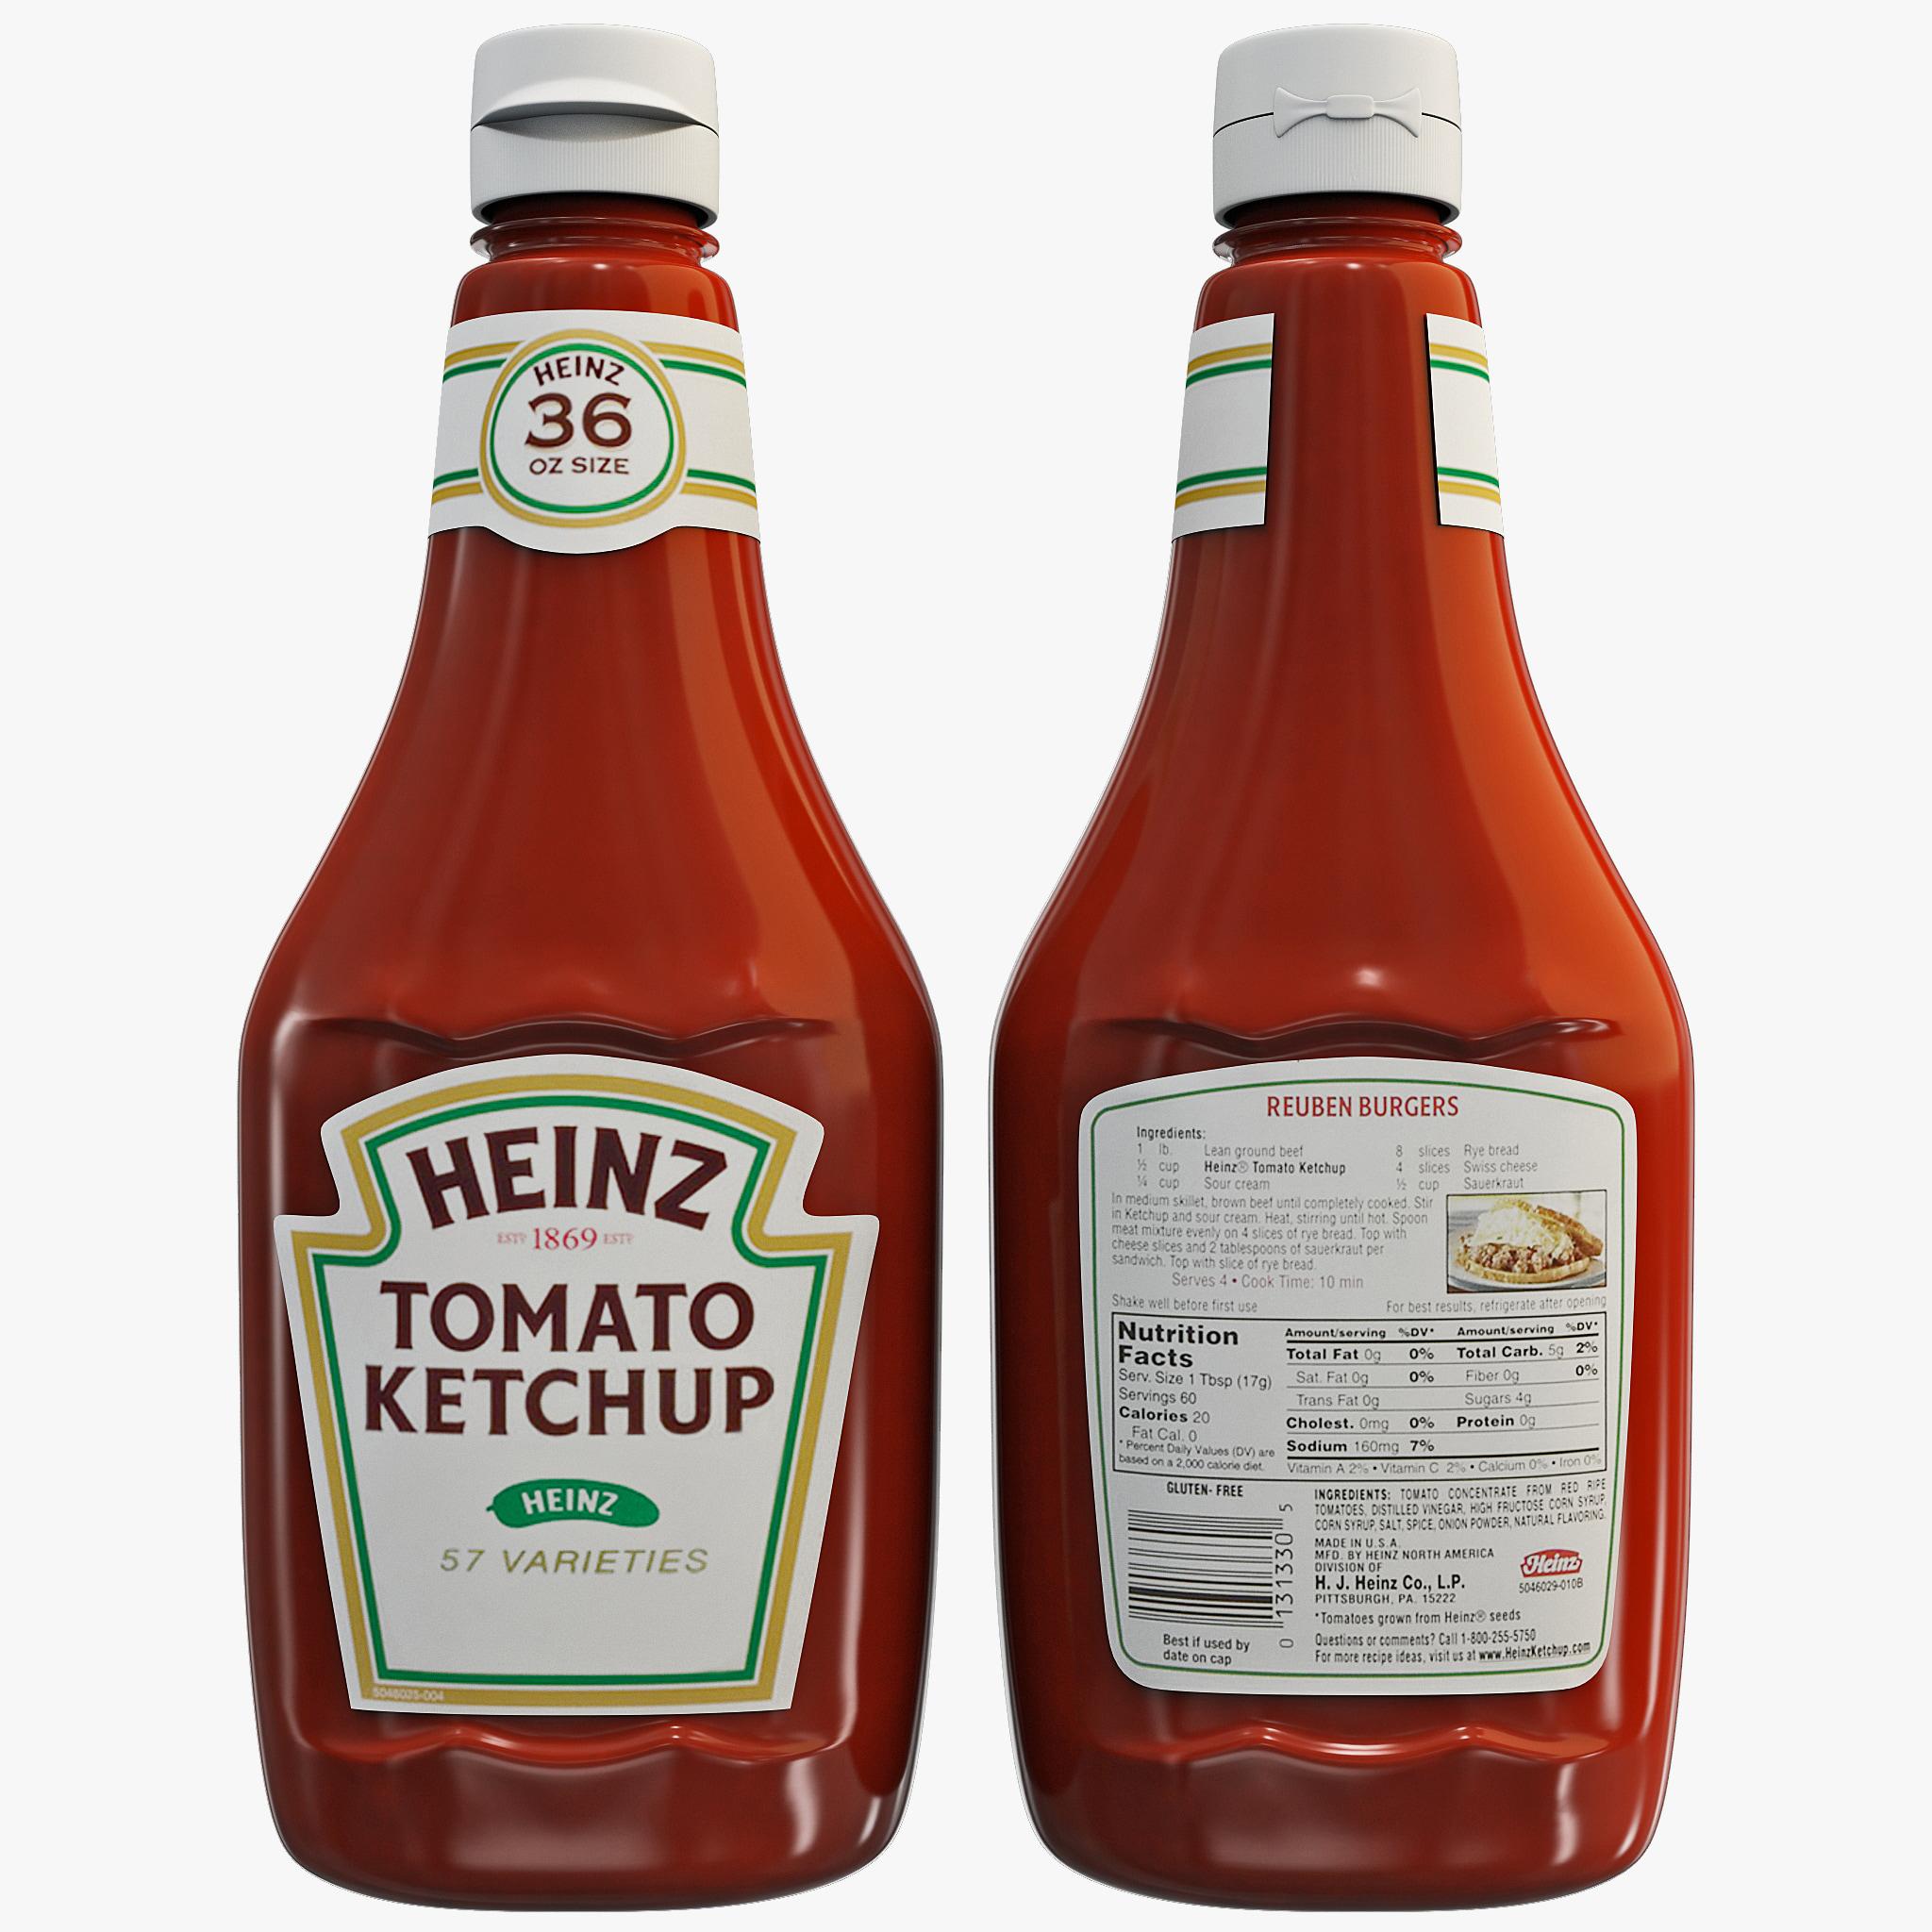 268566_Ketchup_Bottle_v2_000.jpg